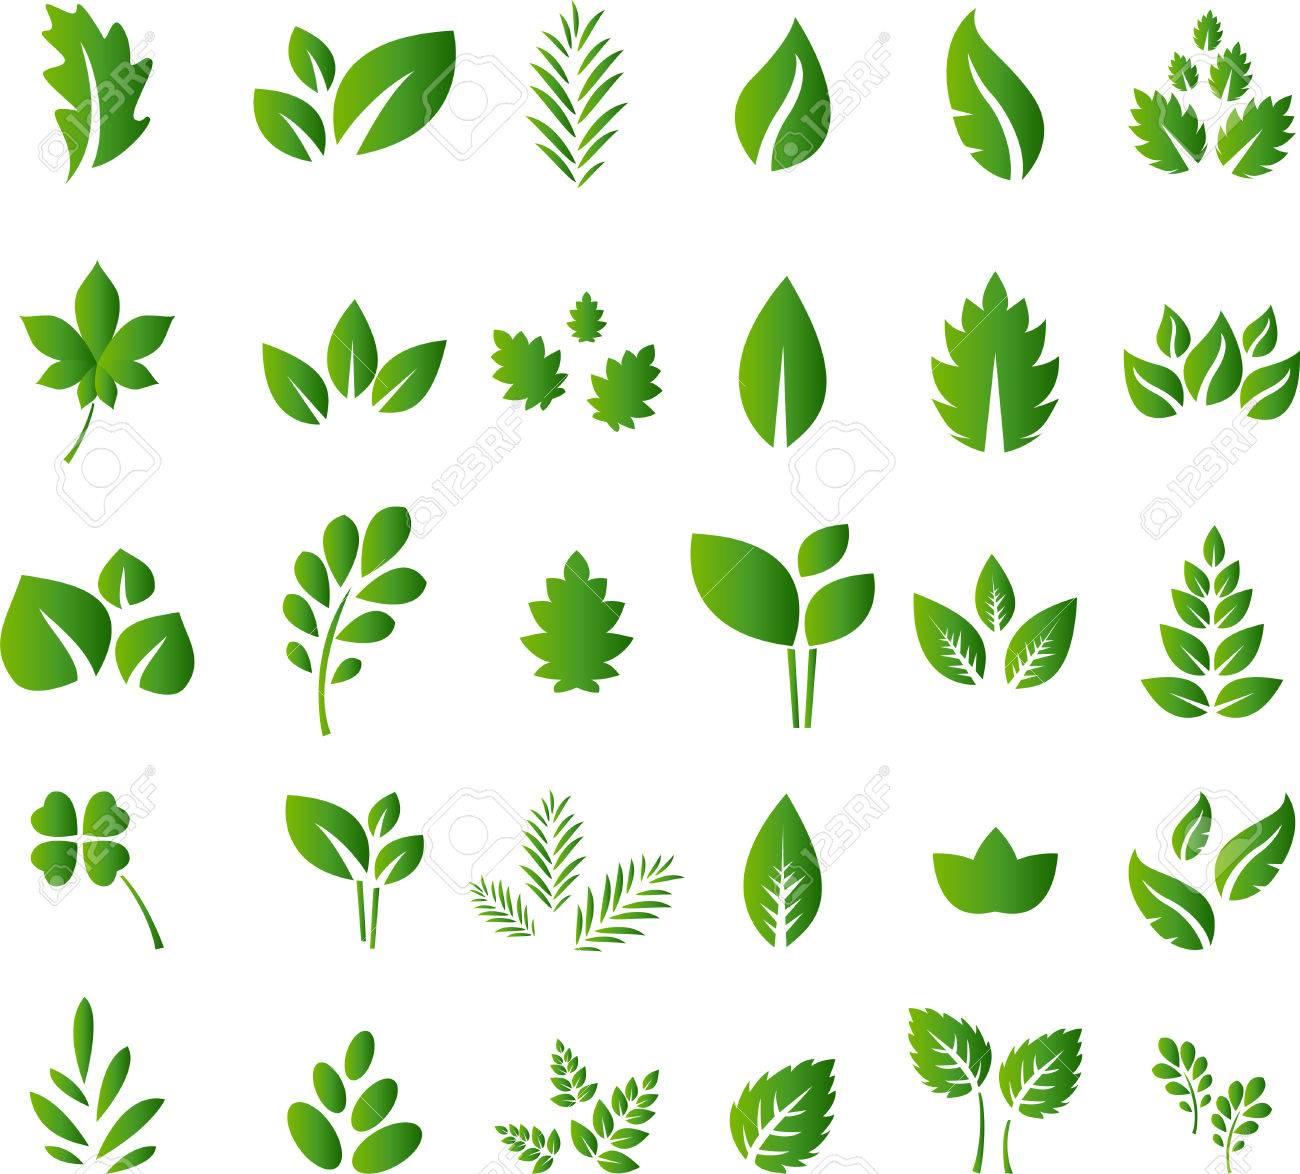 Set of green leaves design elements for you design - 41504123